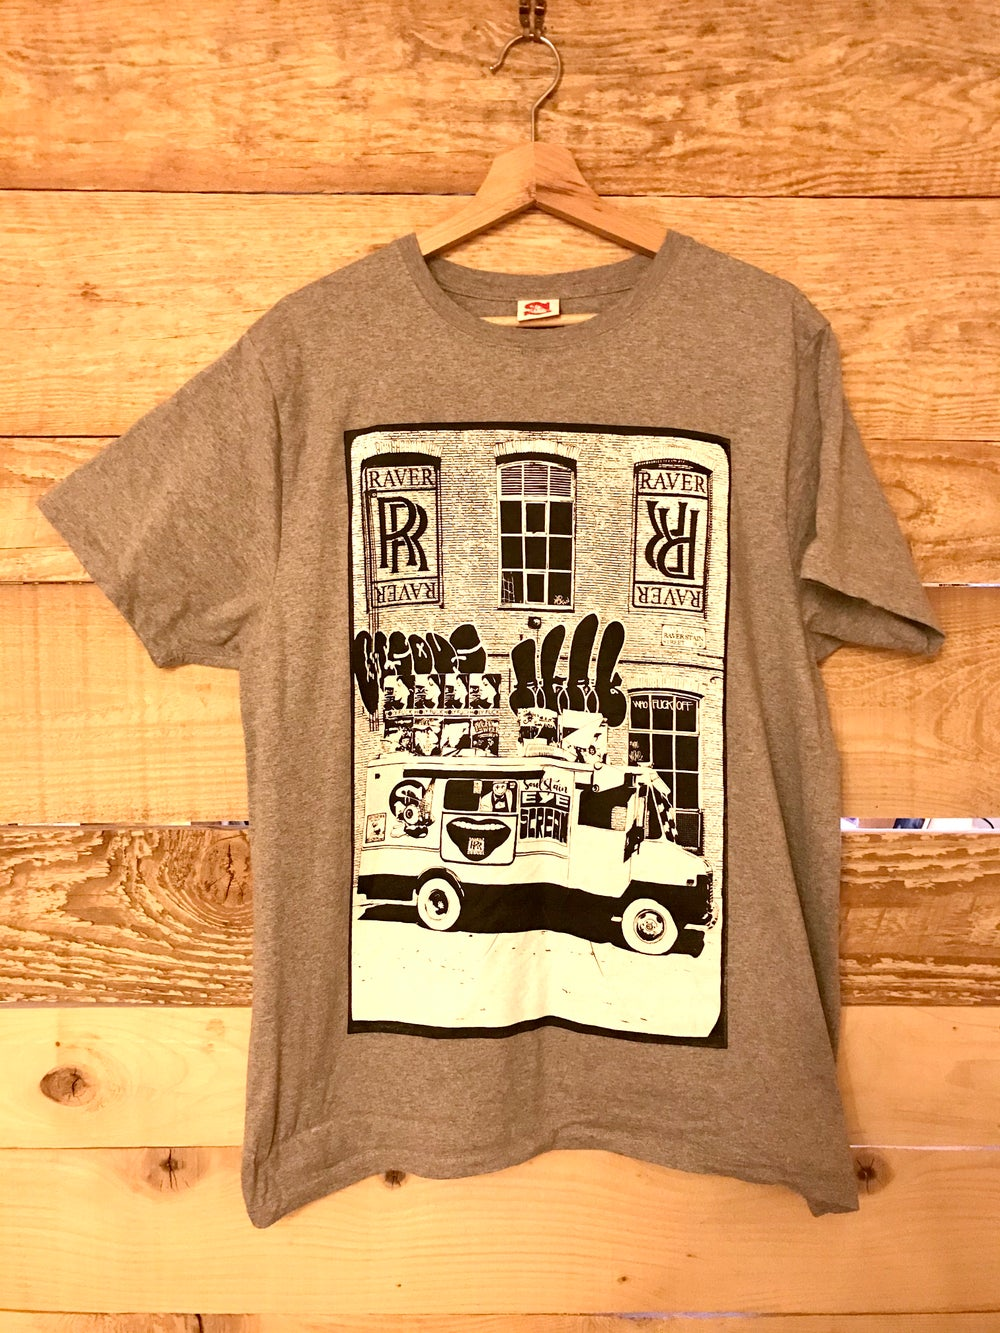 Soulstain X Raver Raver Pack (Vinyle + Limited T-Shirt)